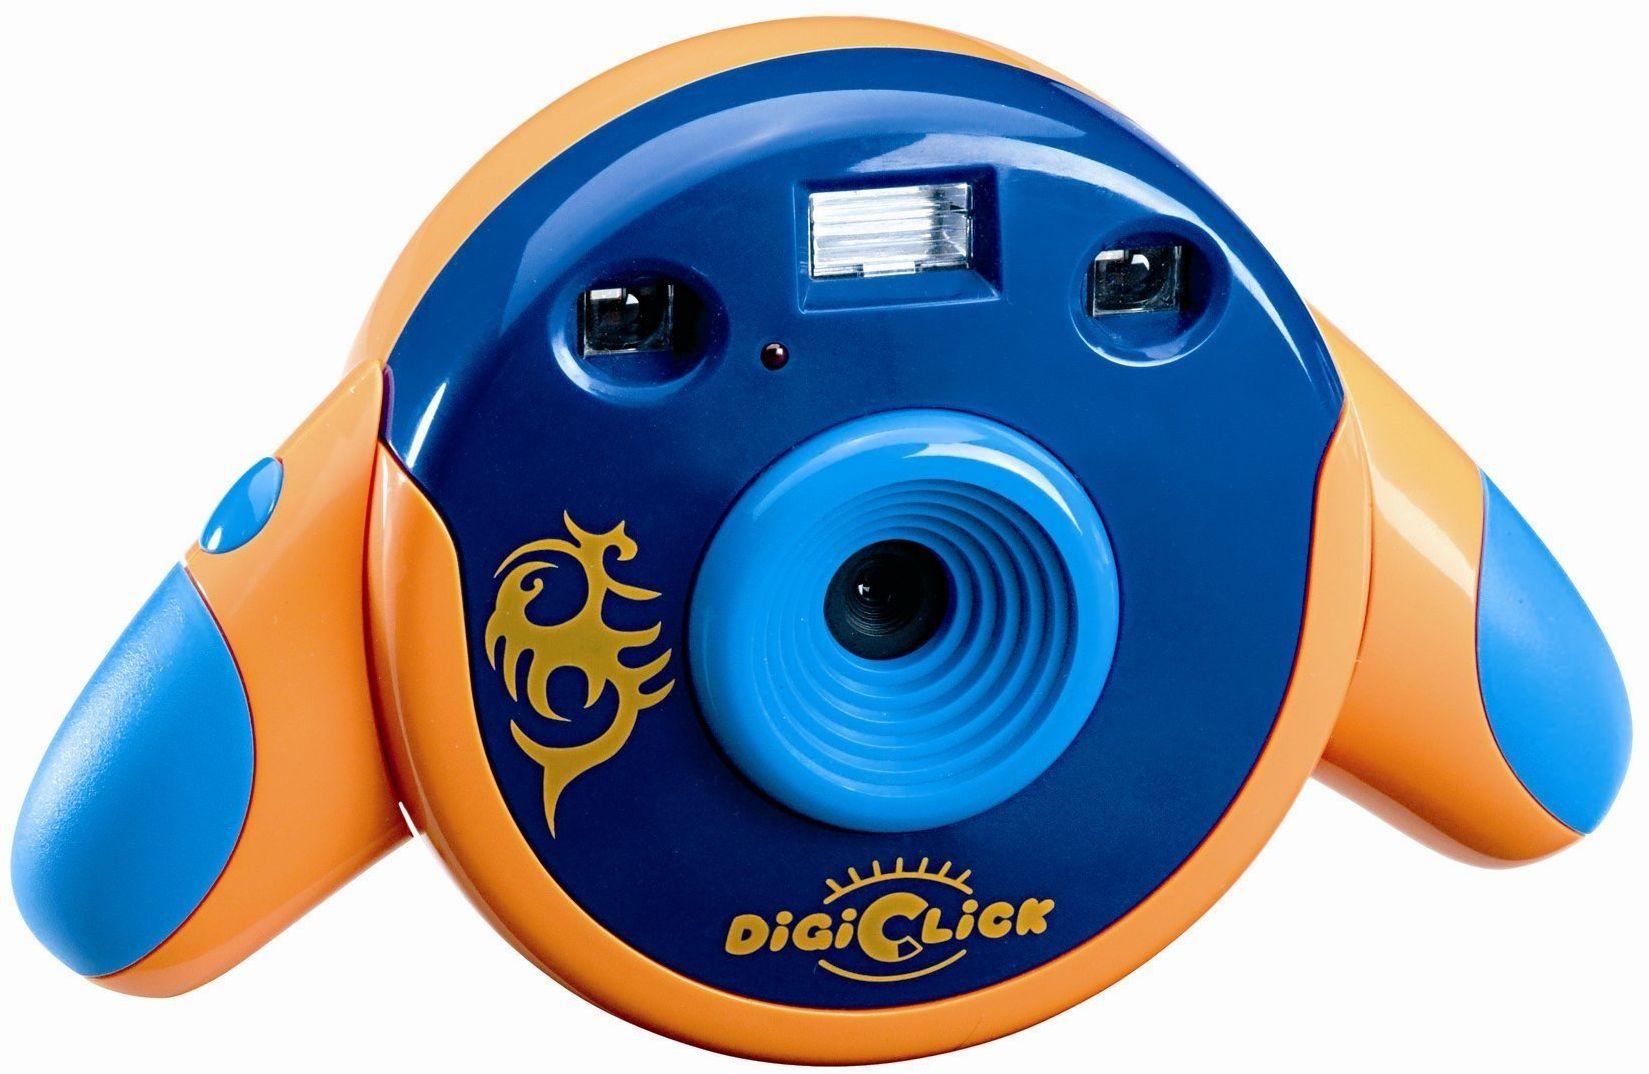 Lexibook Digiclick aparat dziecięcy (3,6 cm (1,4 cala) kolorowy wyświetlacz LCD) pomarańczowy/niebieski